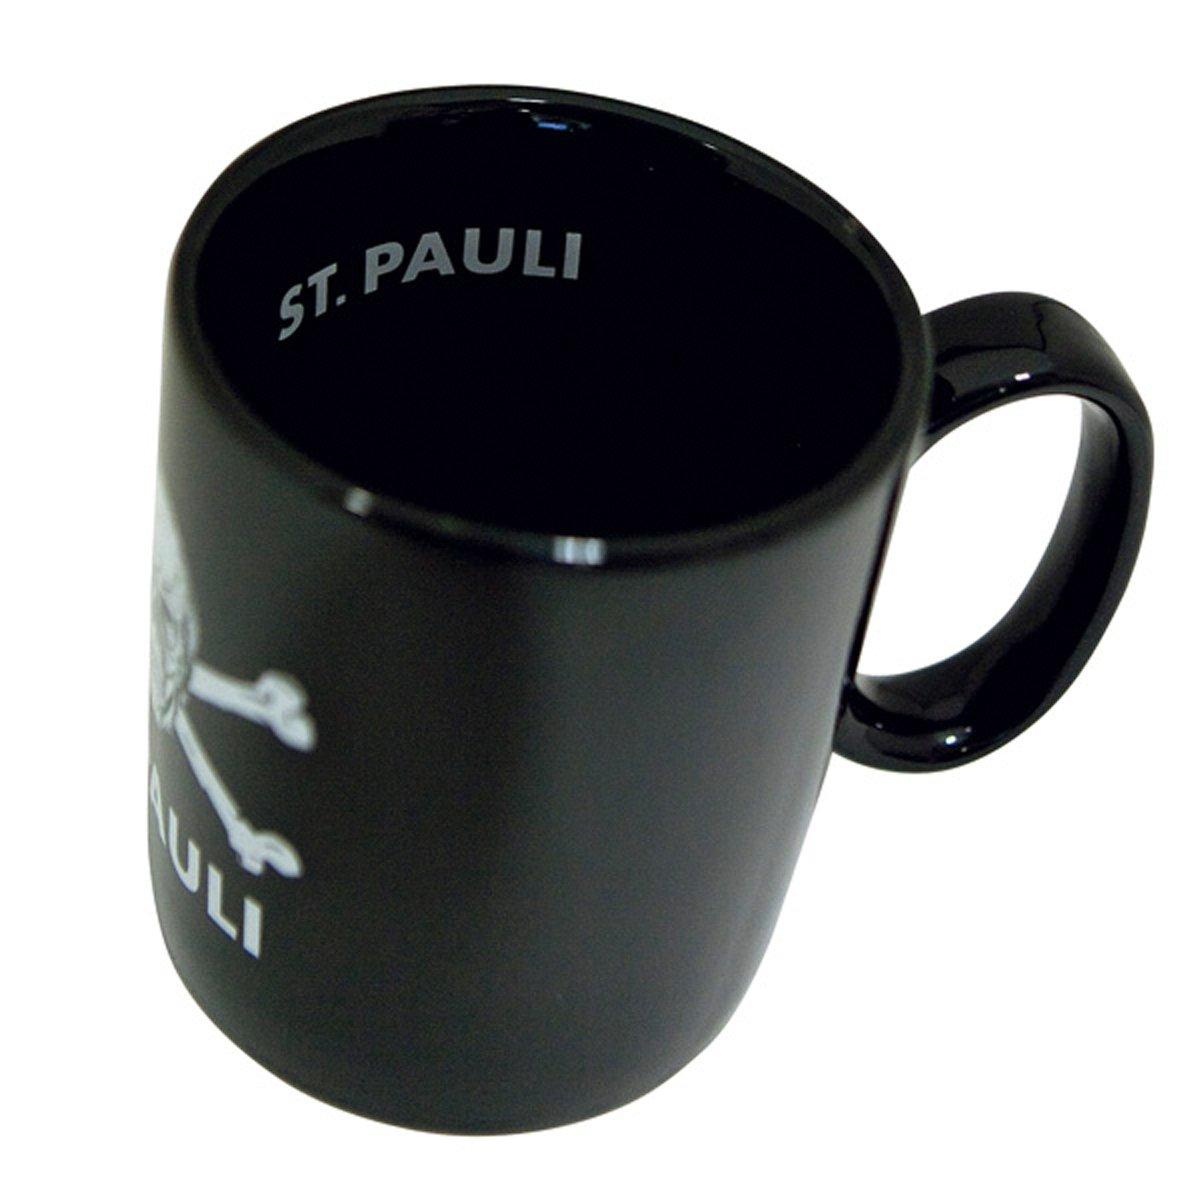 FC St Pauli 3er Set Kaffeebecher Becher Totenkopf Becher Logo Streifen Jumbobecher Logo FCSP Fanergy Traubenzucker